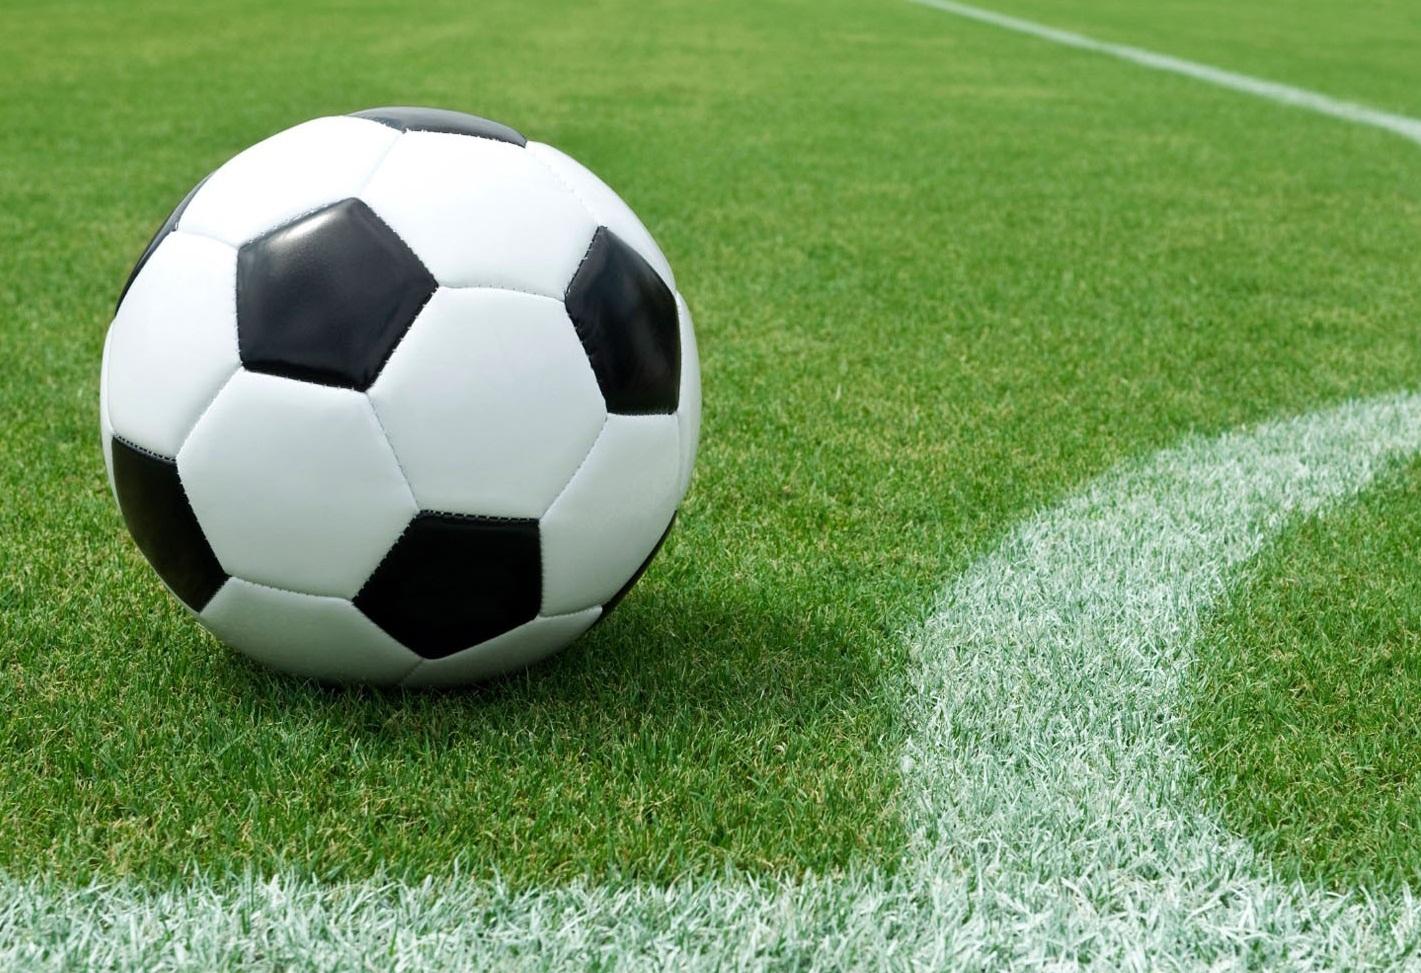 مدیریت سنتی پاسخگوی فوتبال امروز نیست